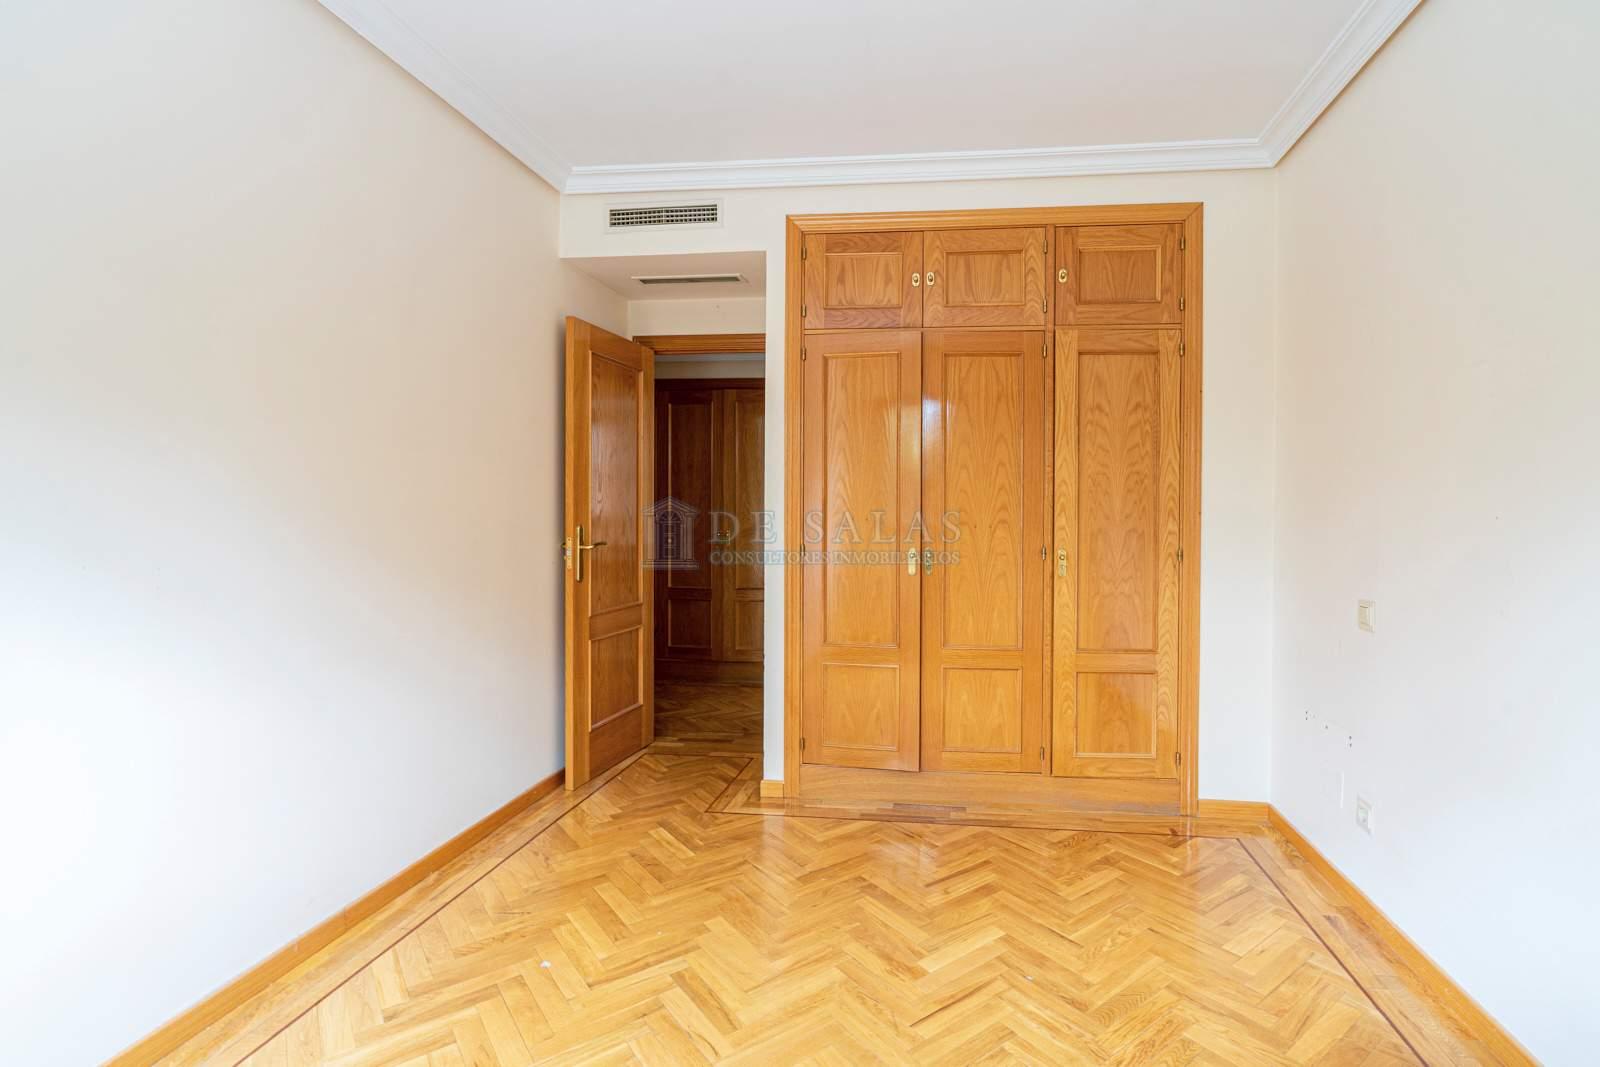 Dormitorio-0017 Appartement El Encinar de los Reyes